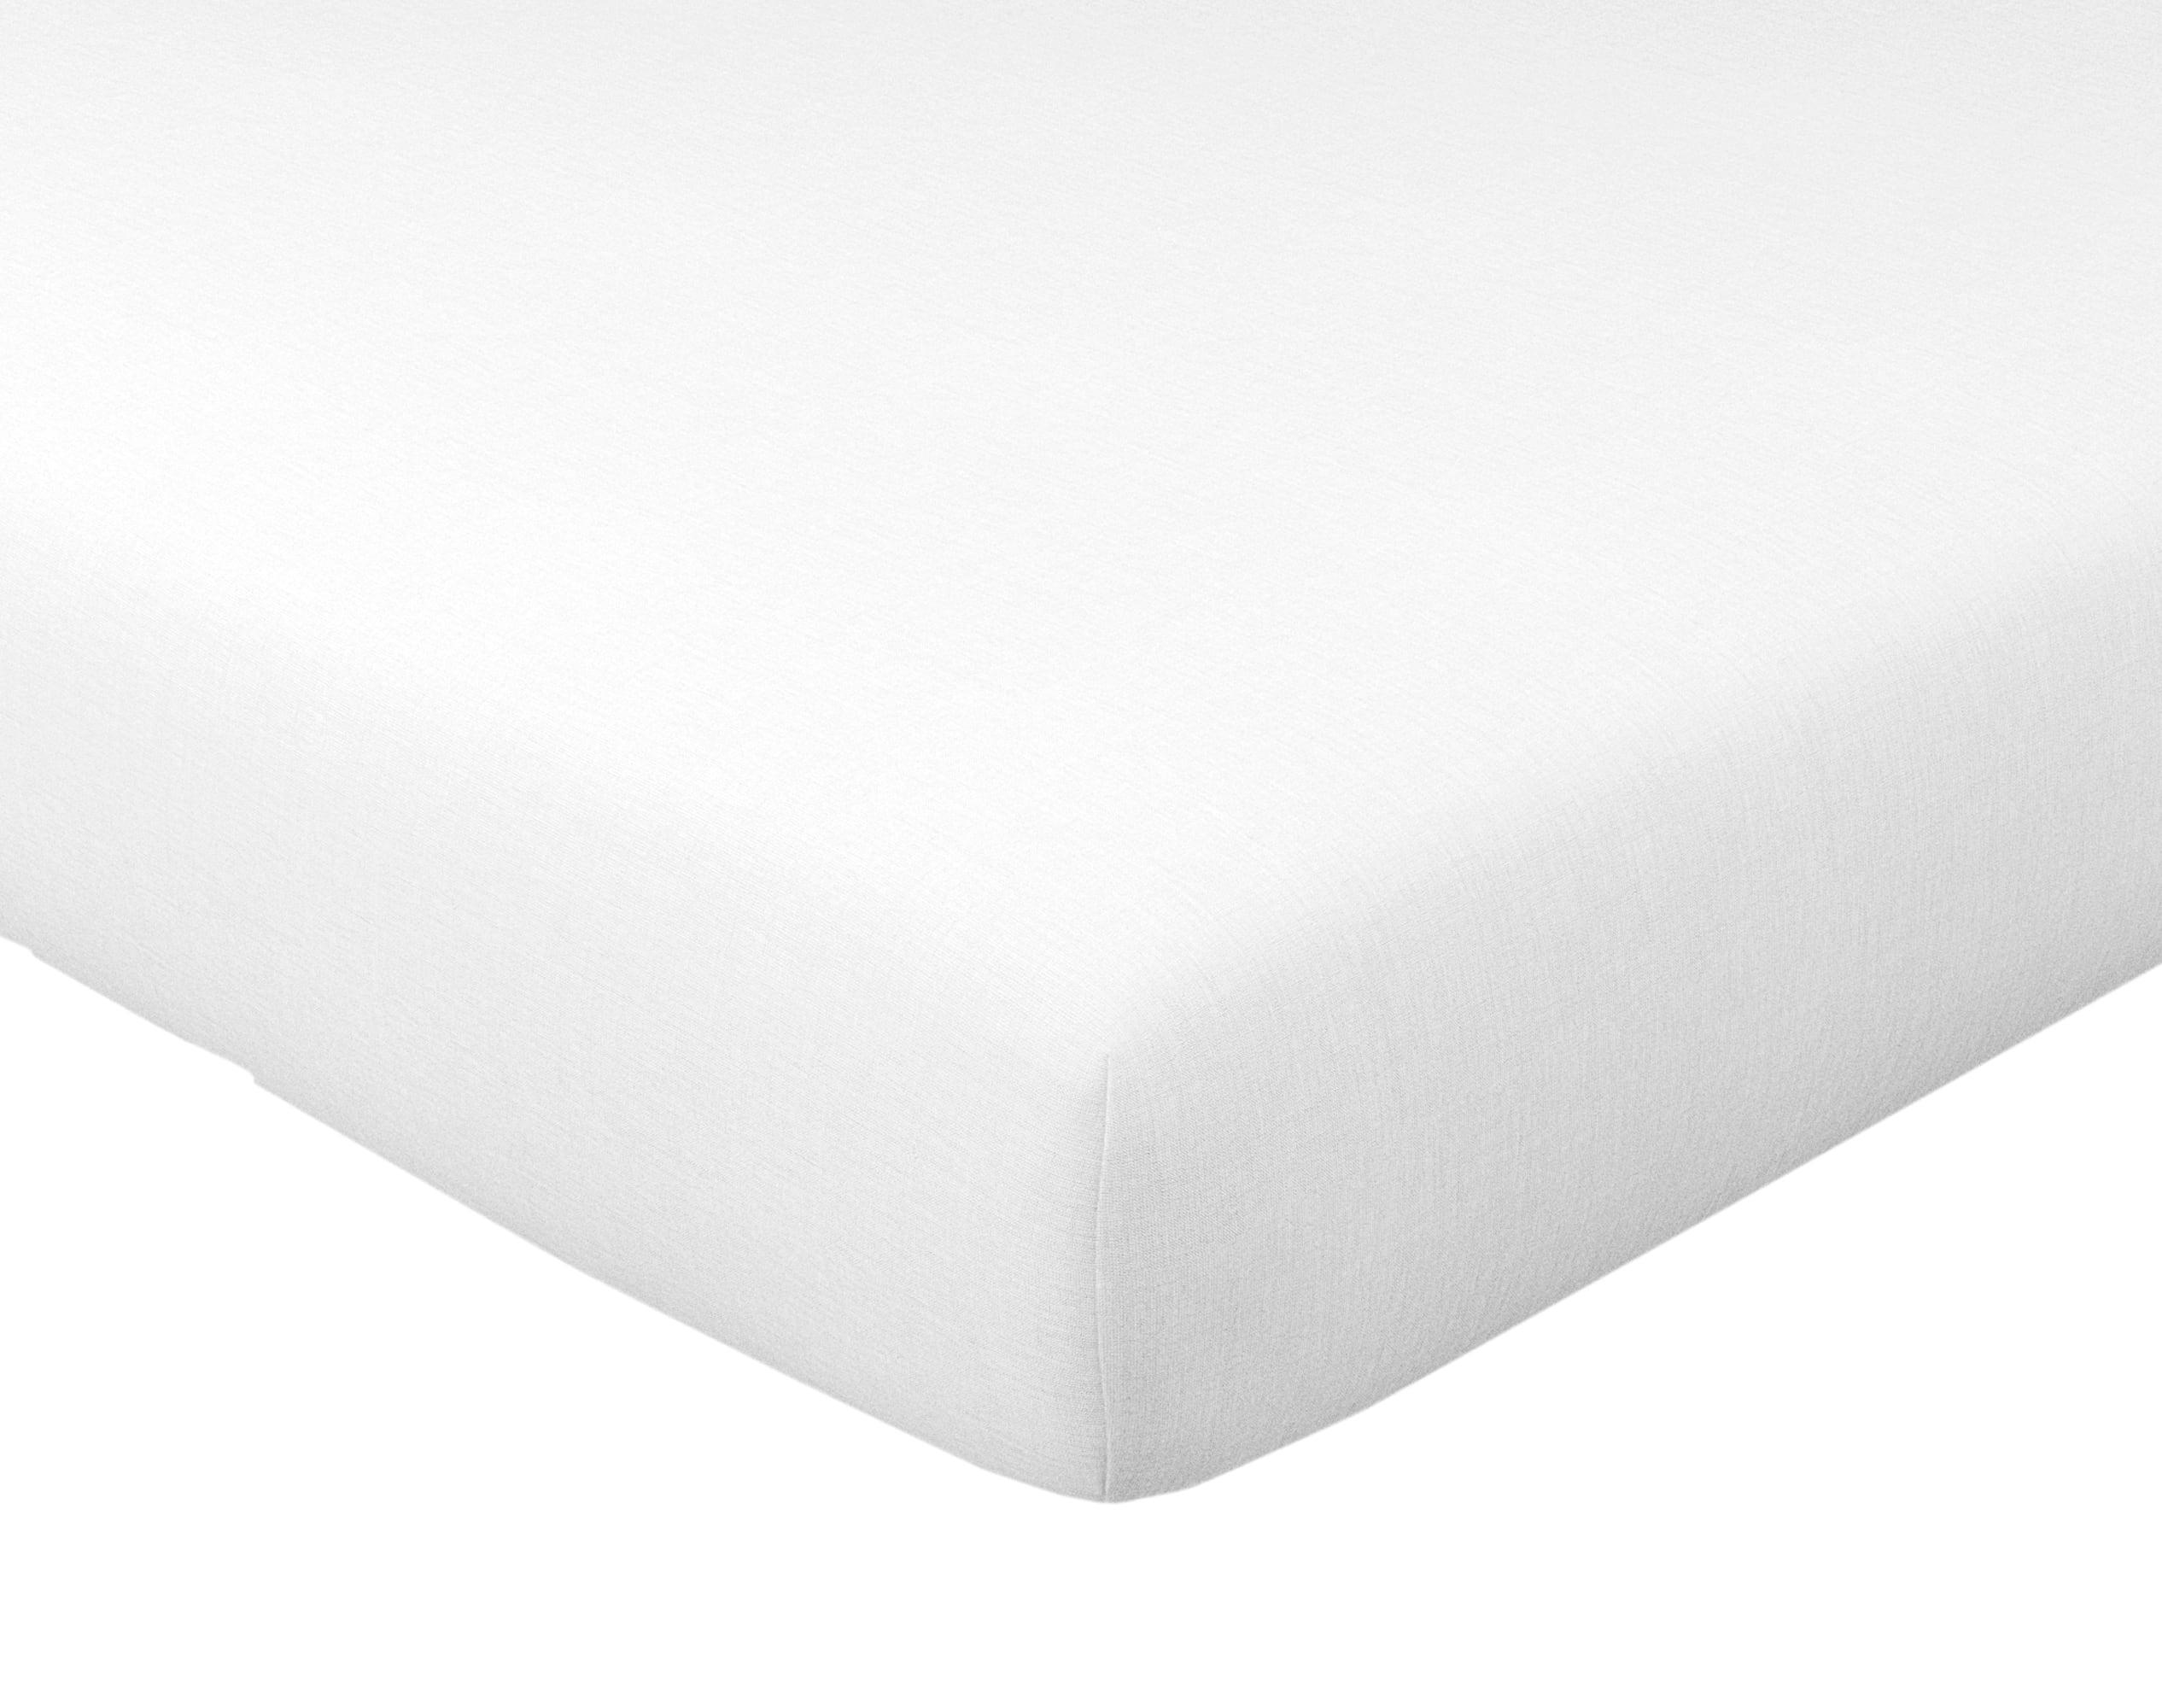 Drap-housse 180x200 en coton blanc